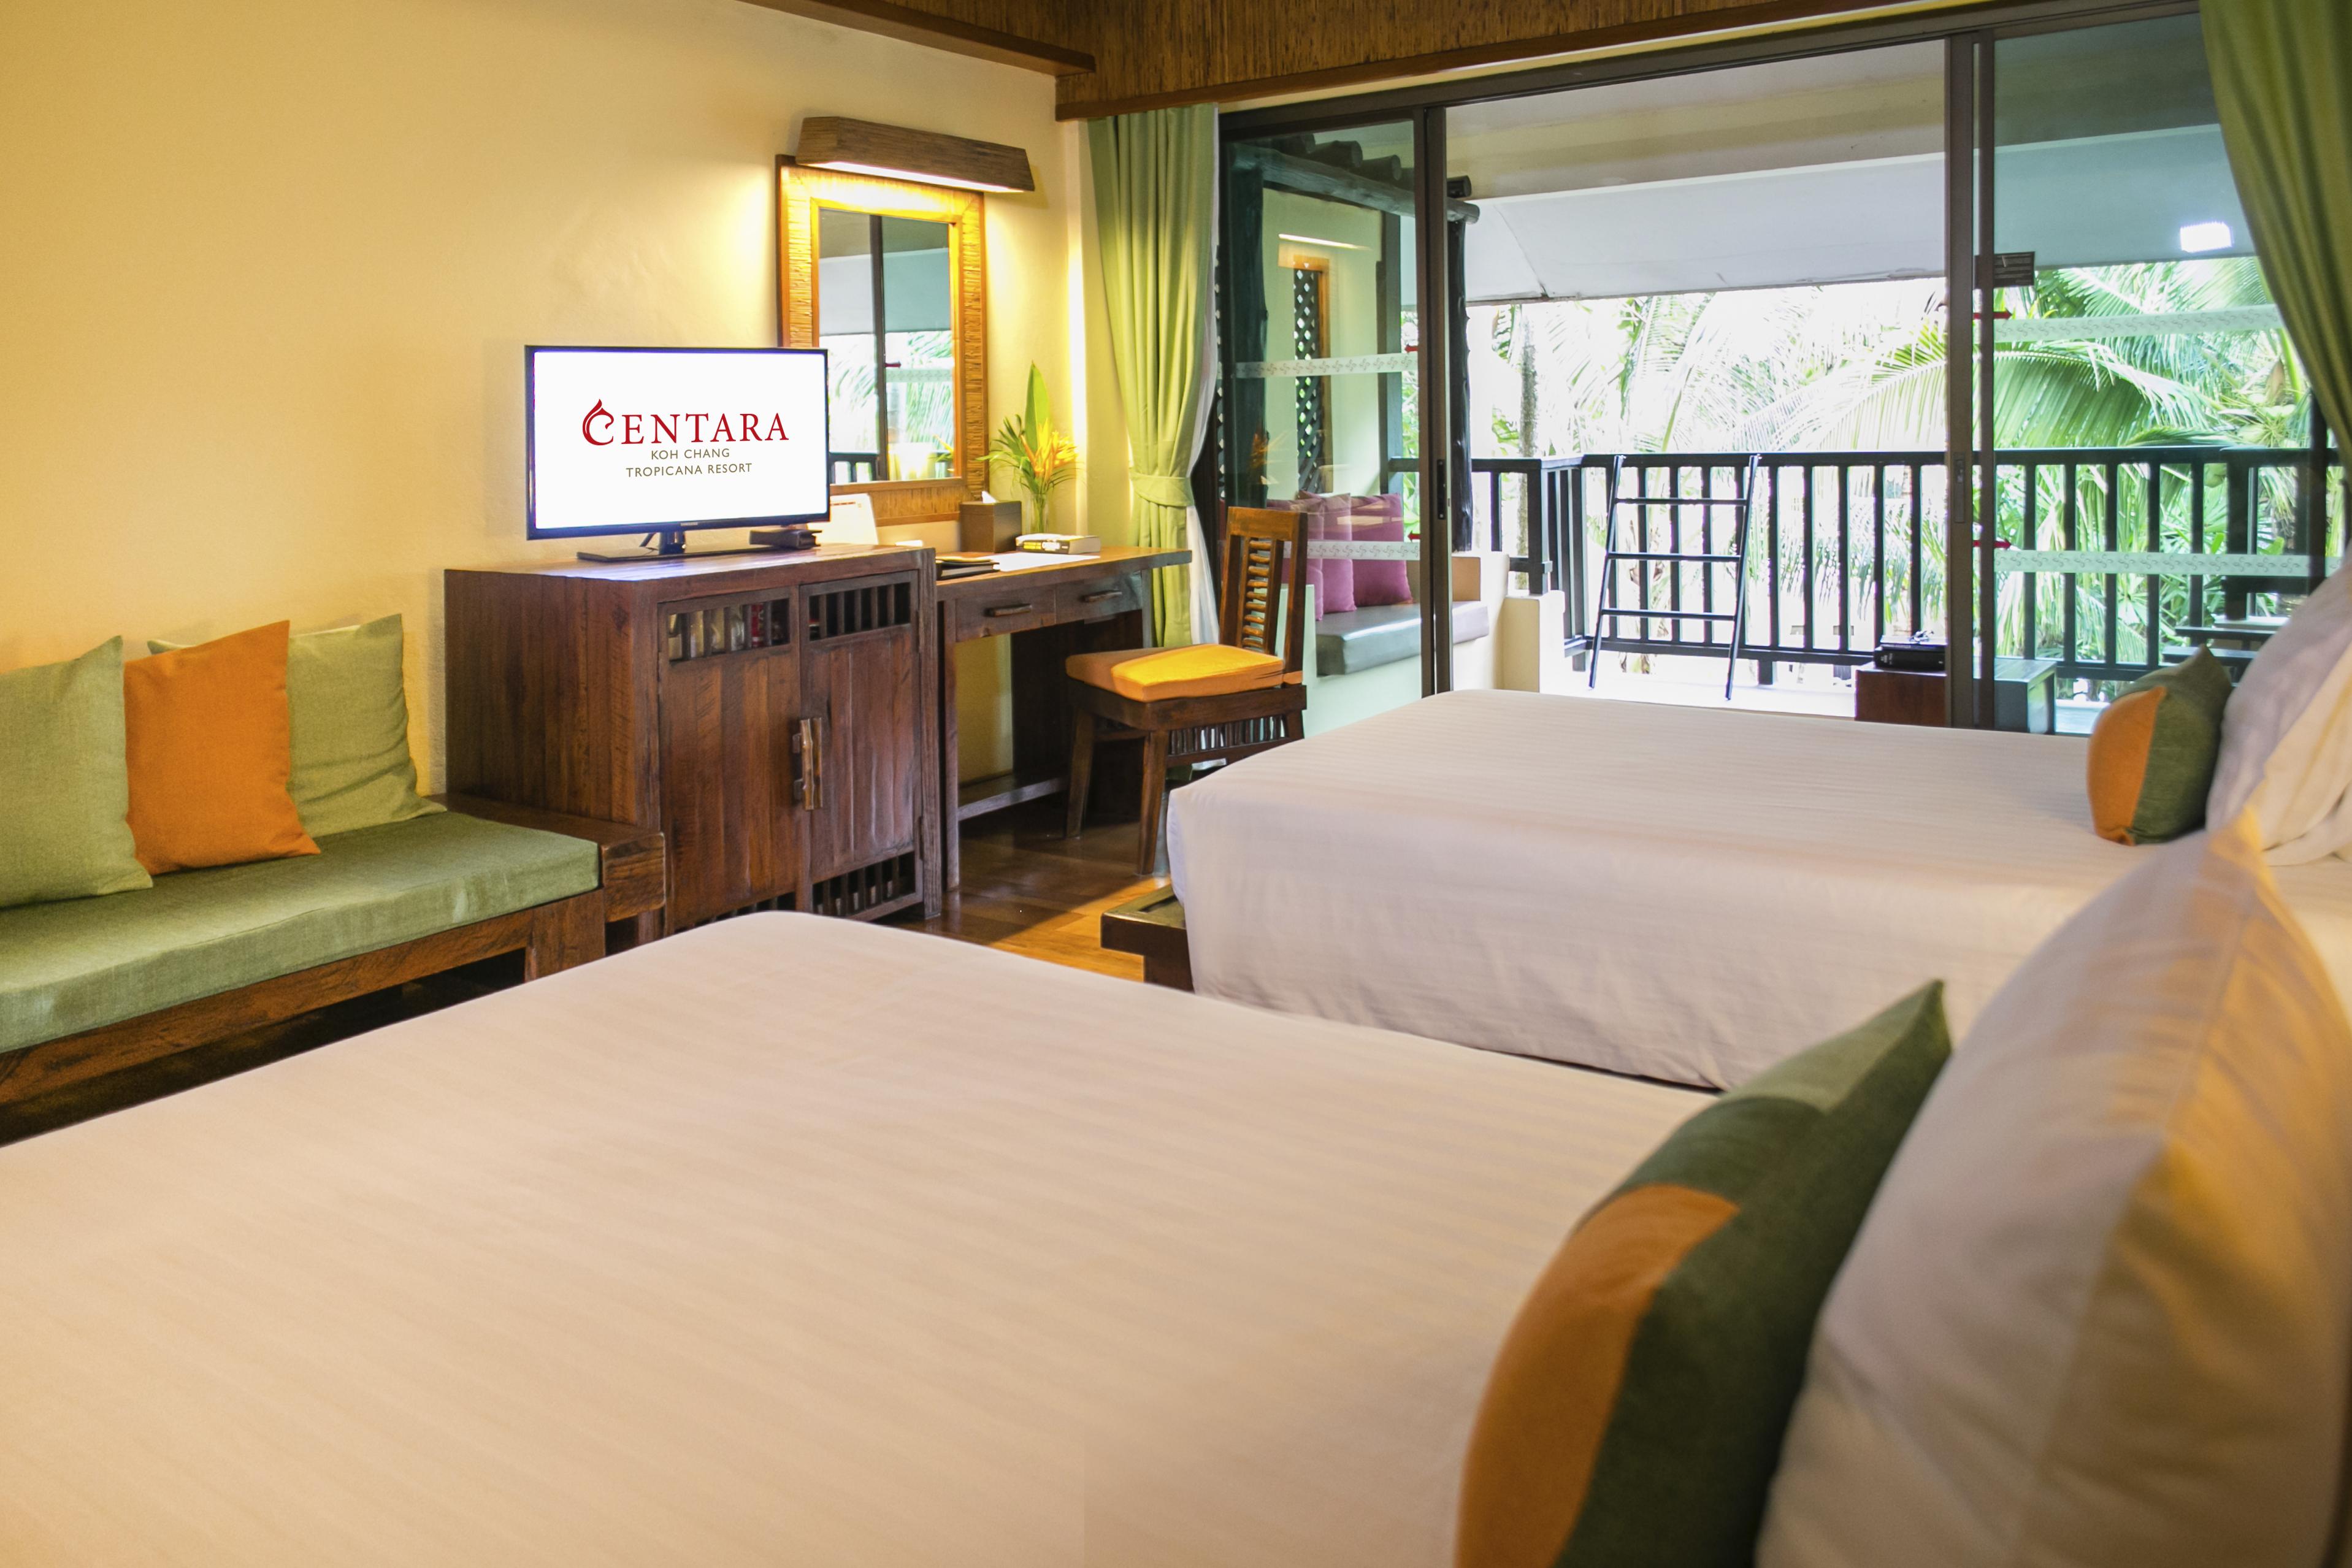 Centara Koh Chang Tropicana Resort, K. Ko Chang